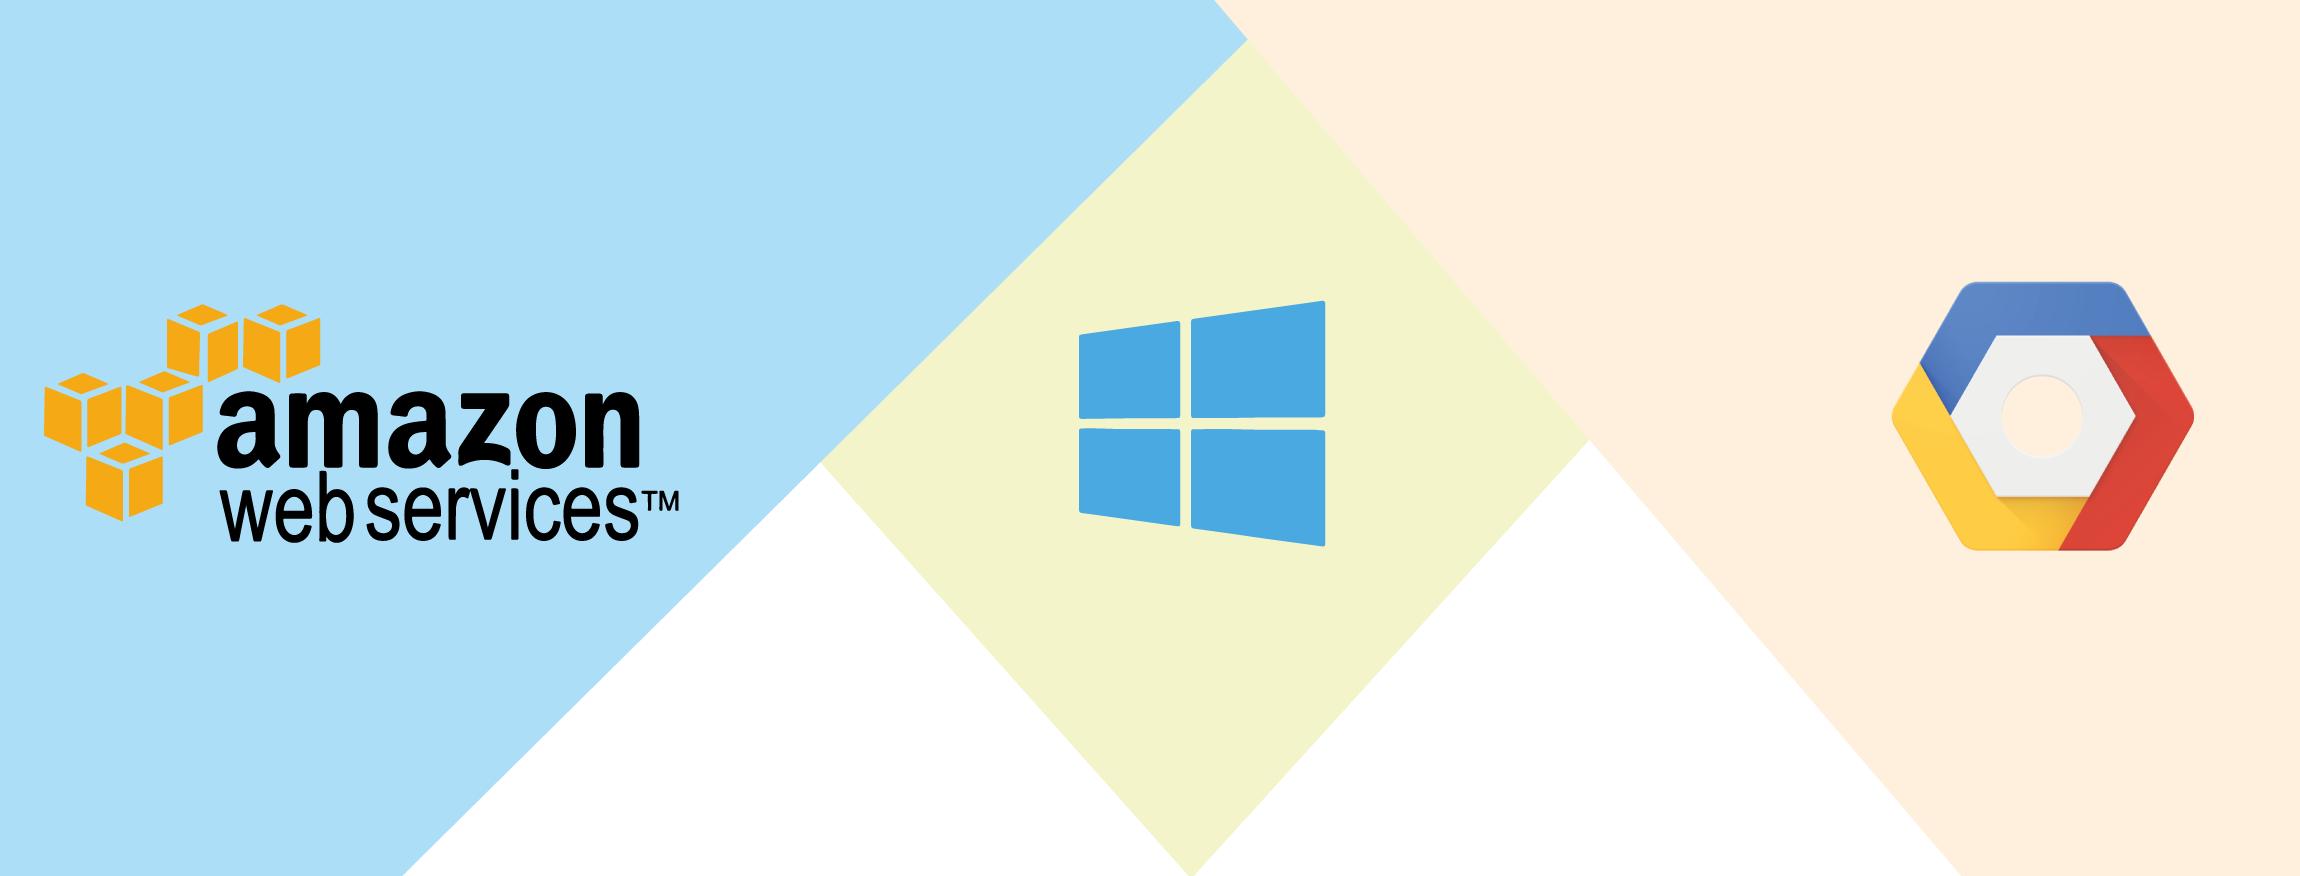 Die Icons von AWS, Azure und GCP